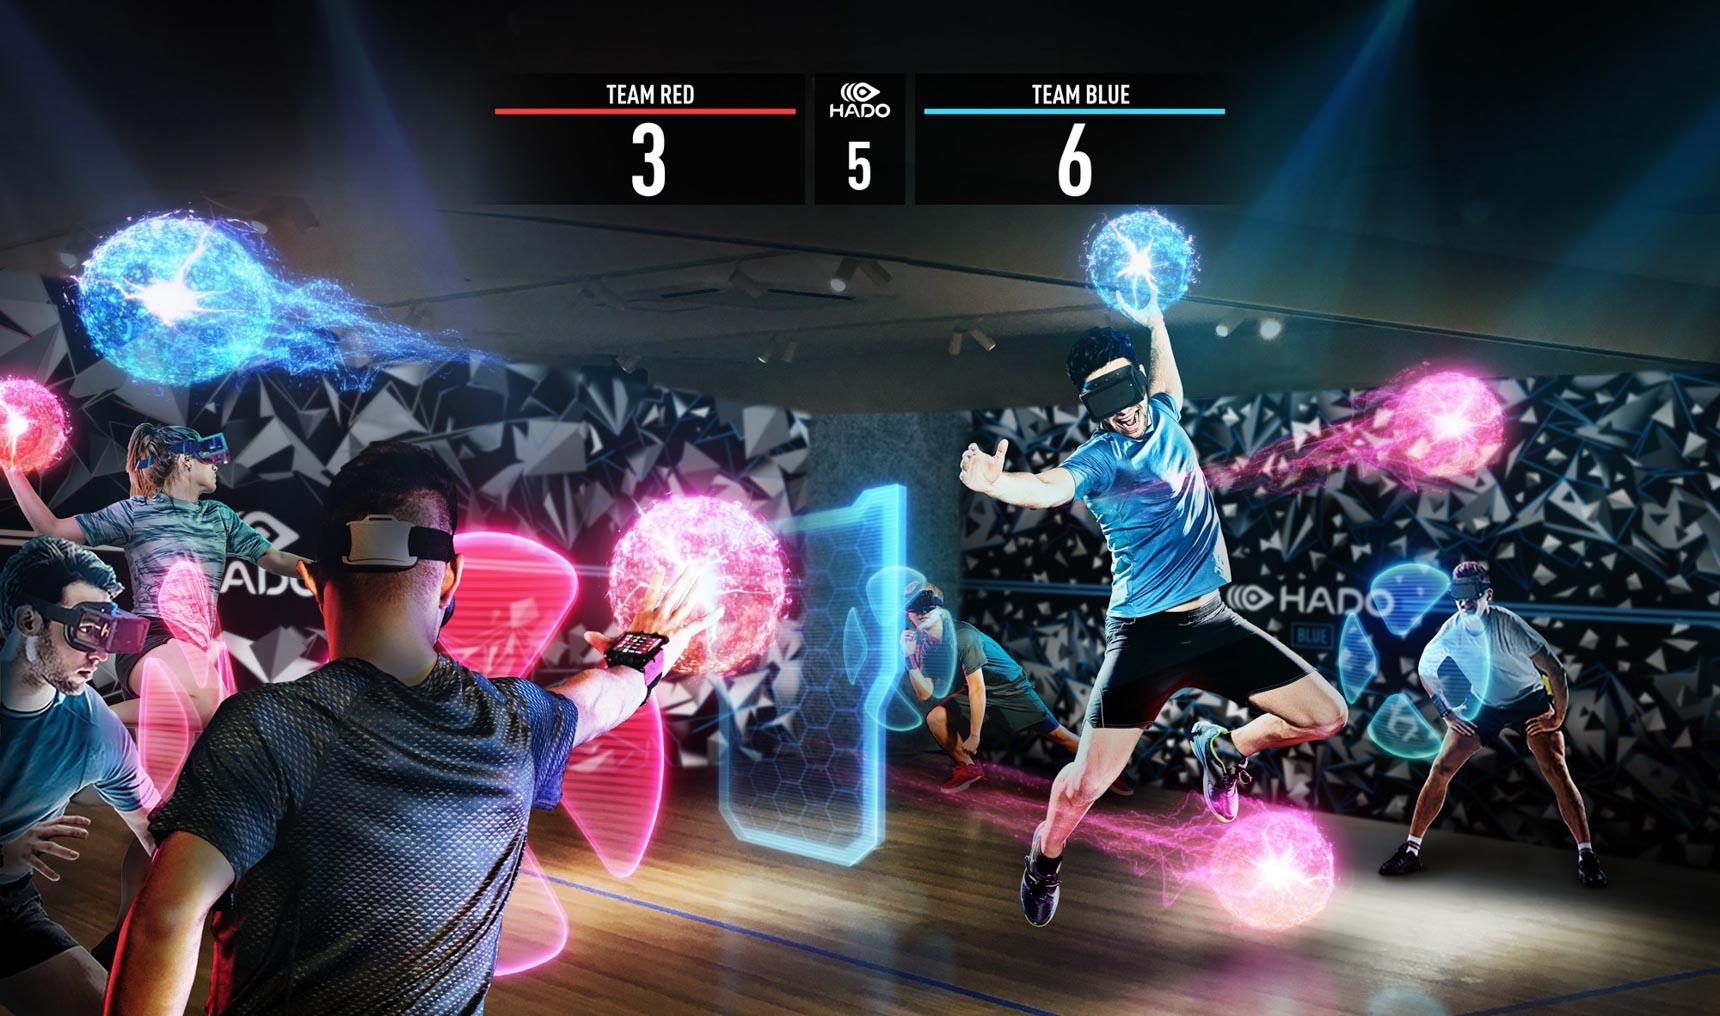 頭にヘッドマウントディスプレイ、腕にはアームセンサーを装着してAR空間でプレイする「HADO」。身体の動きに合わせて「魔球」や「盾」が出現し、まるでゲームの空間に自分が入り込んだかのように楽しむことができます。(©️HADO)